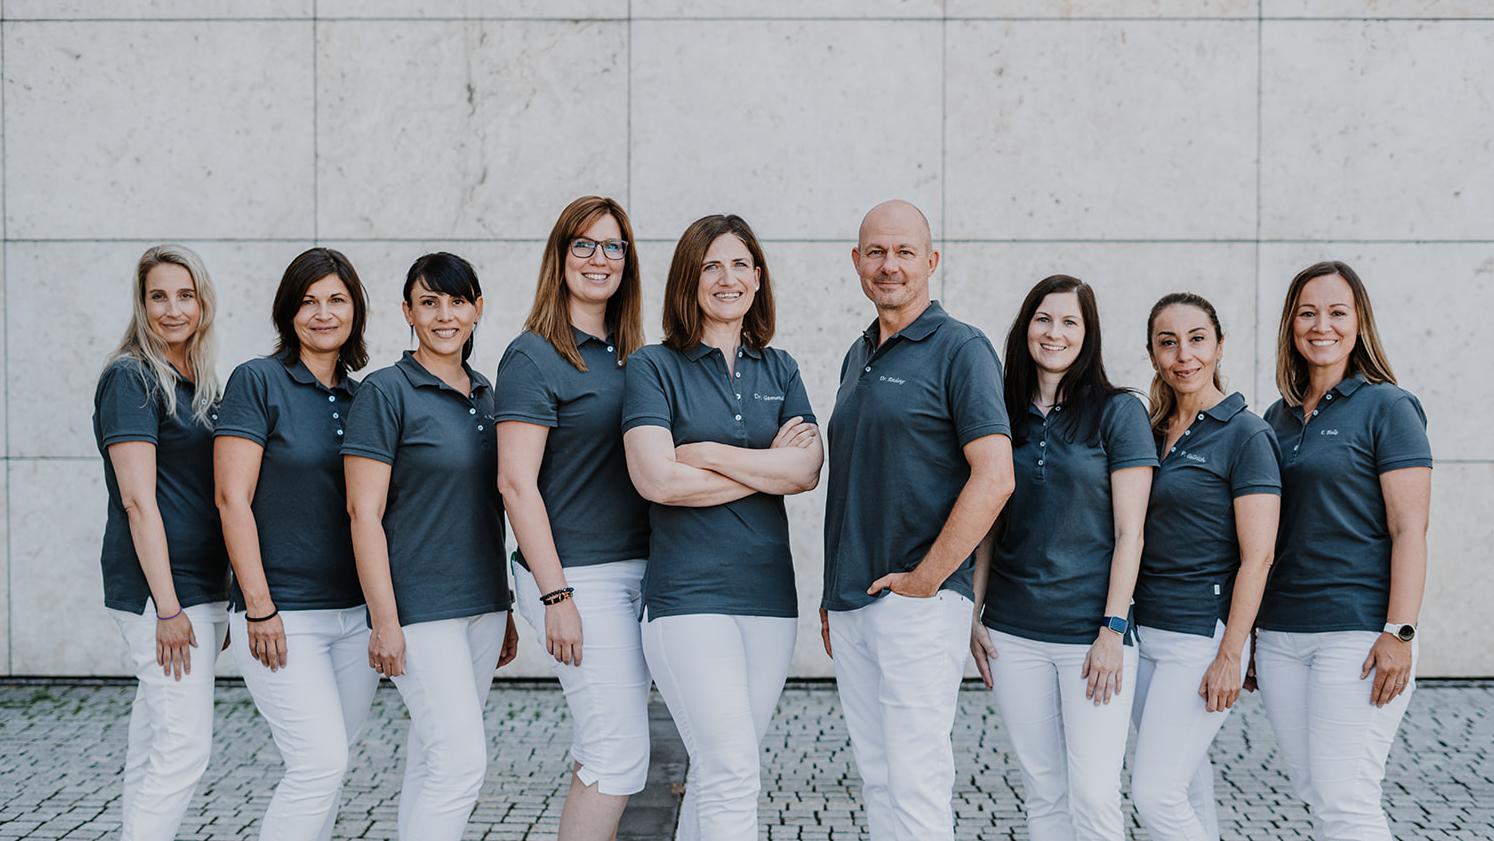 Gruppenbild Hautarzt Praxisteam Radny Gemmeke Friedrichshafen